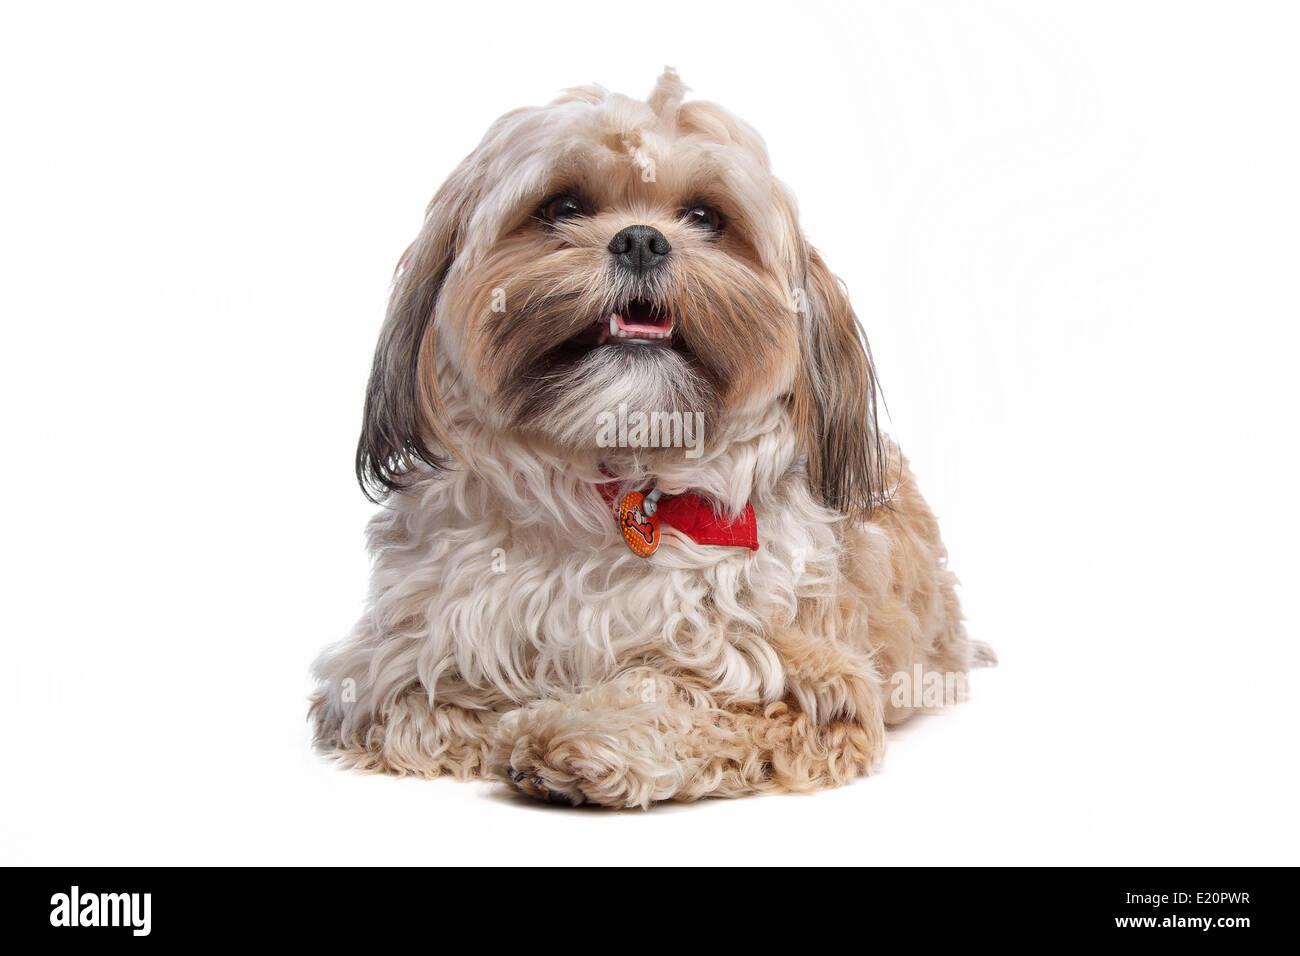 boomer, mixed breed dog Stock Photo